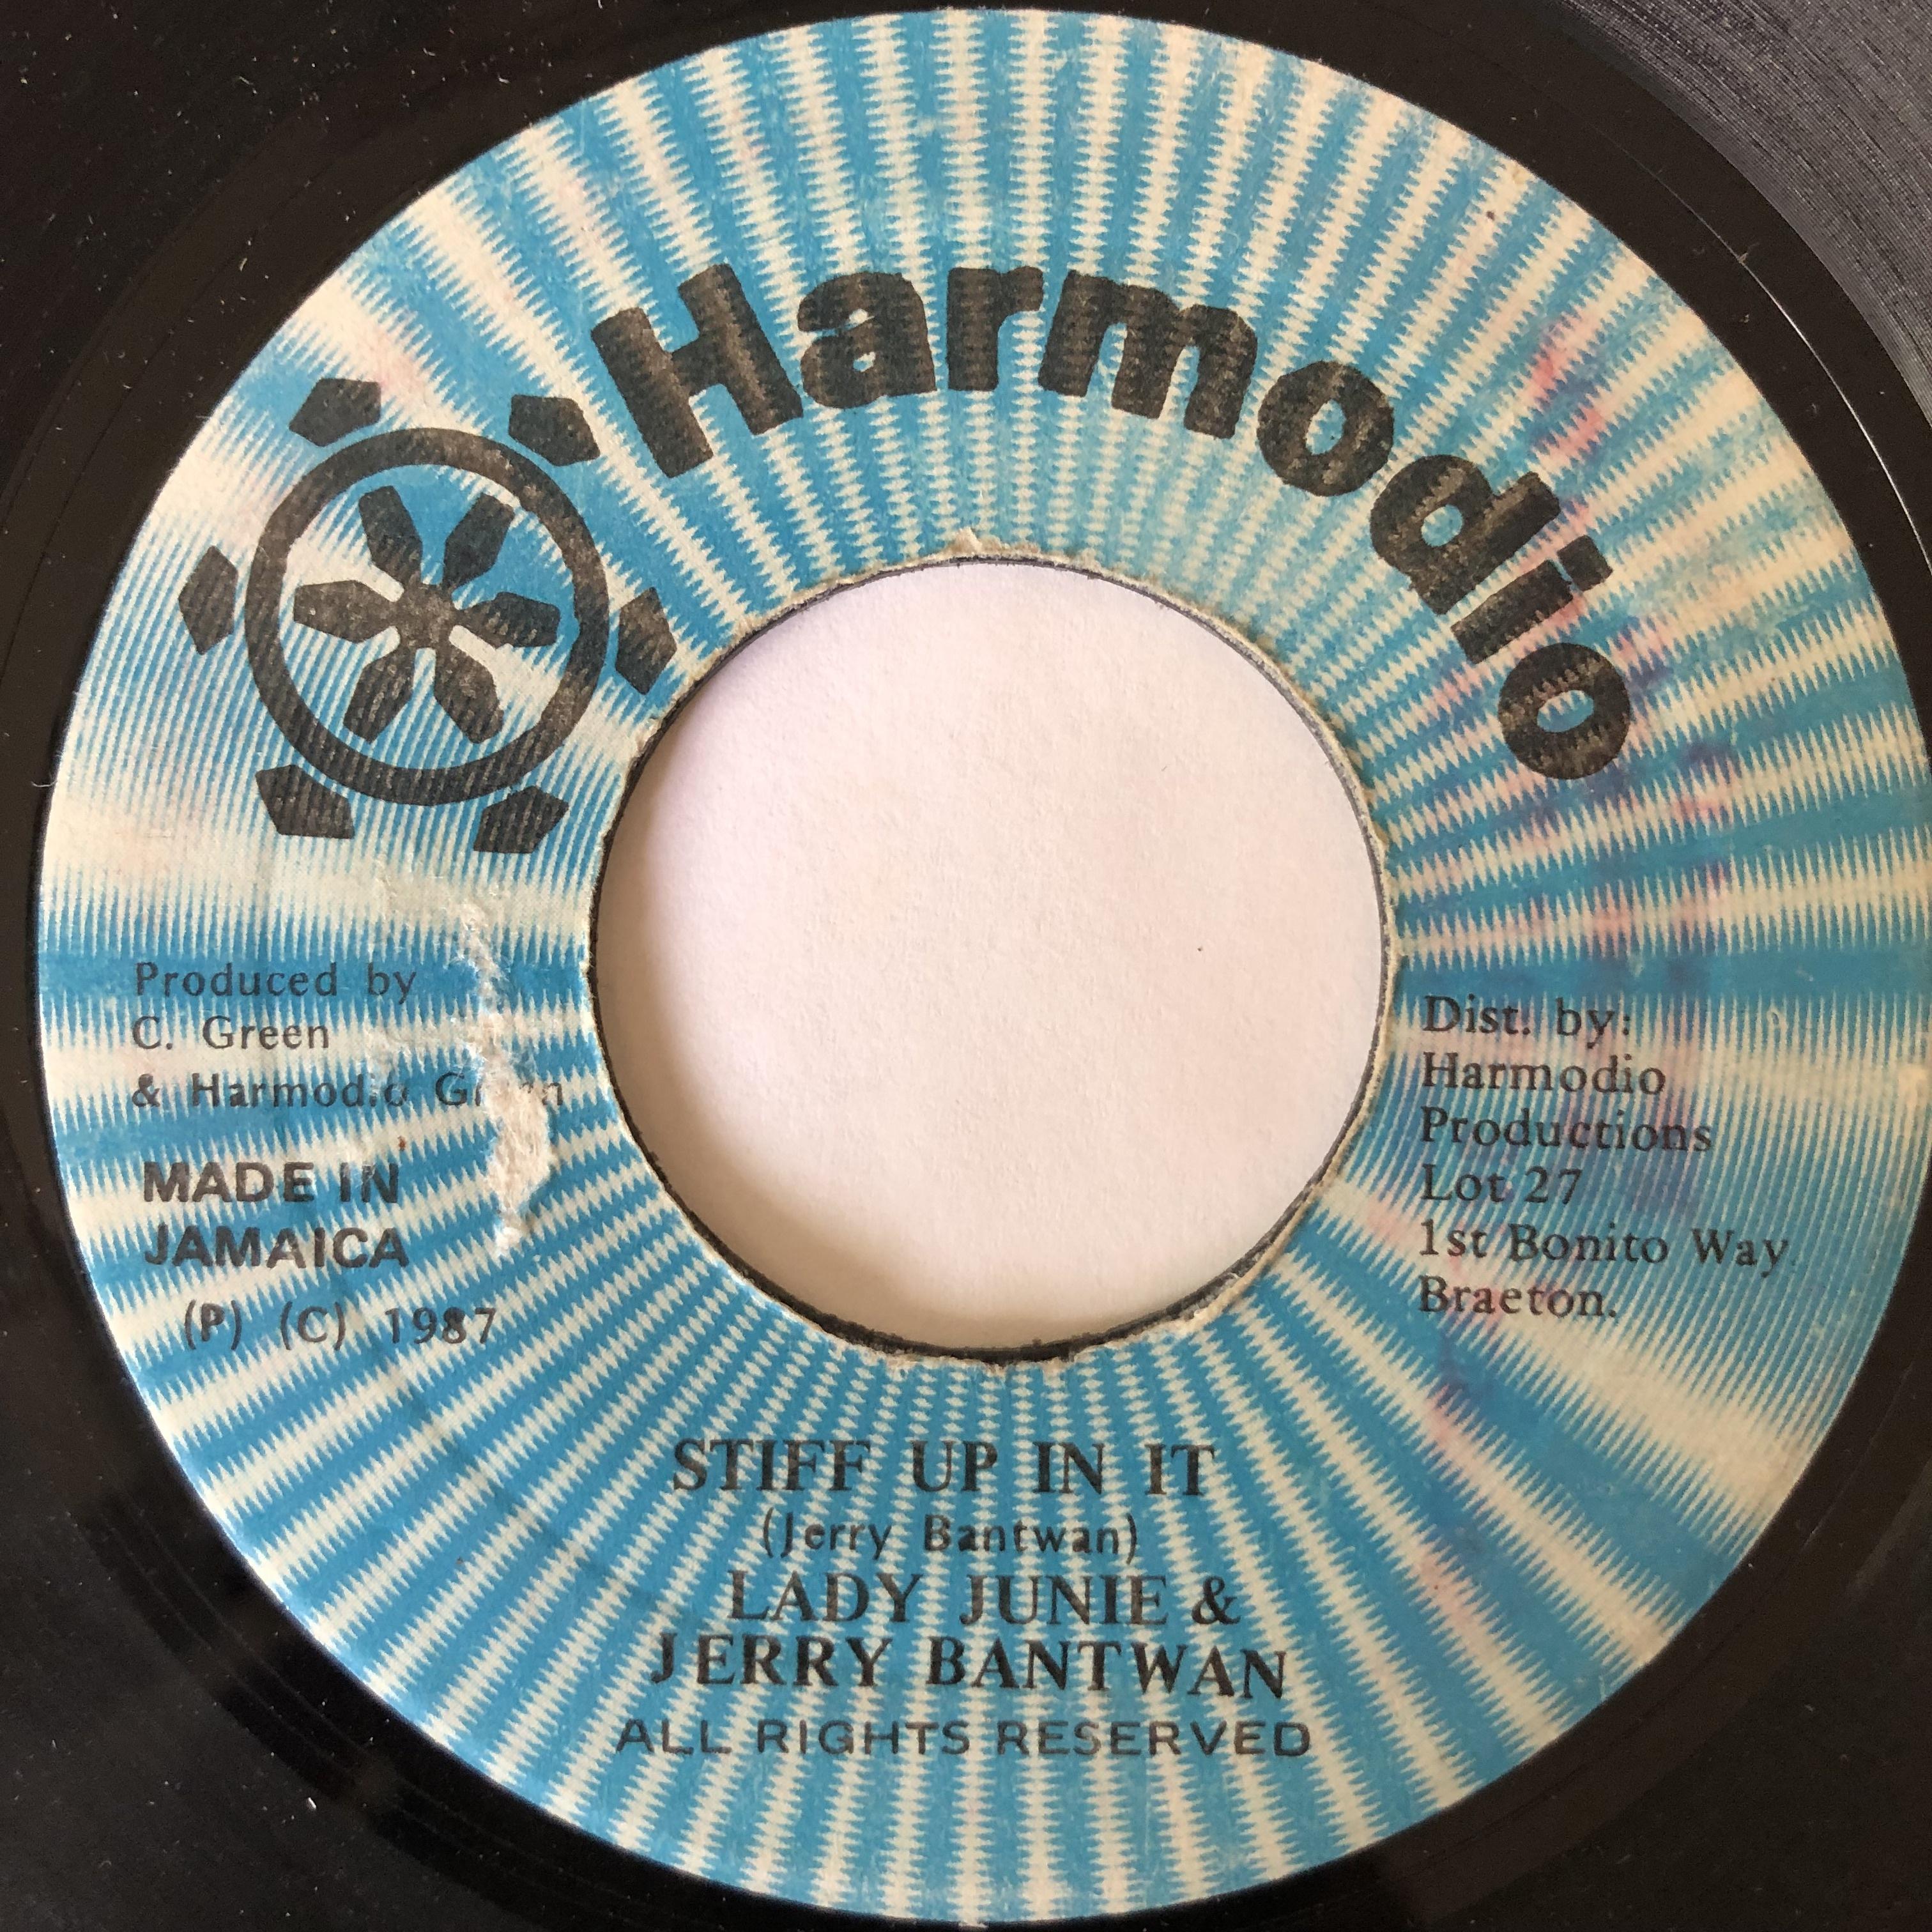 Lady Junie, Jerry Bantwan – Stiff Up In It【7-20122】